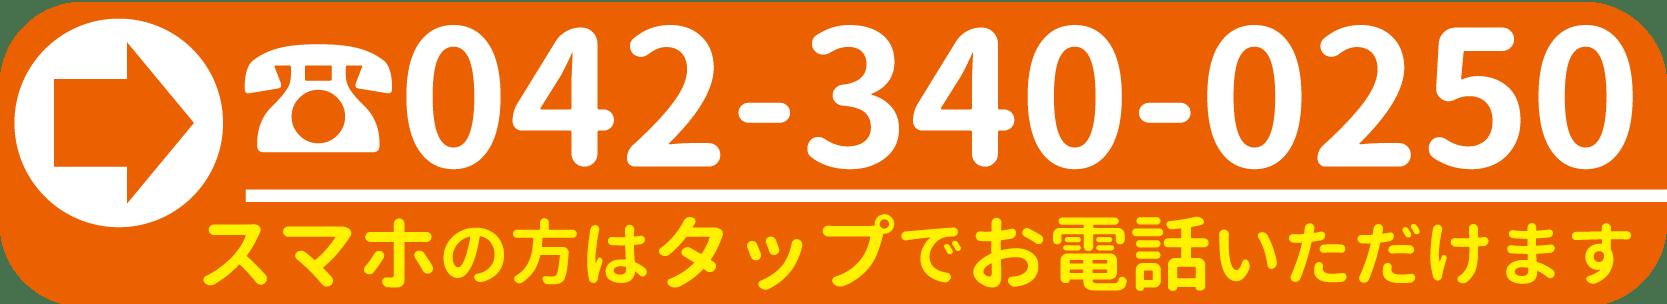 府中駅前教室へのお電話お問い合わせはこちらから